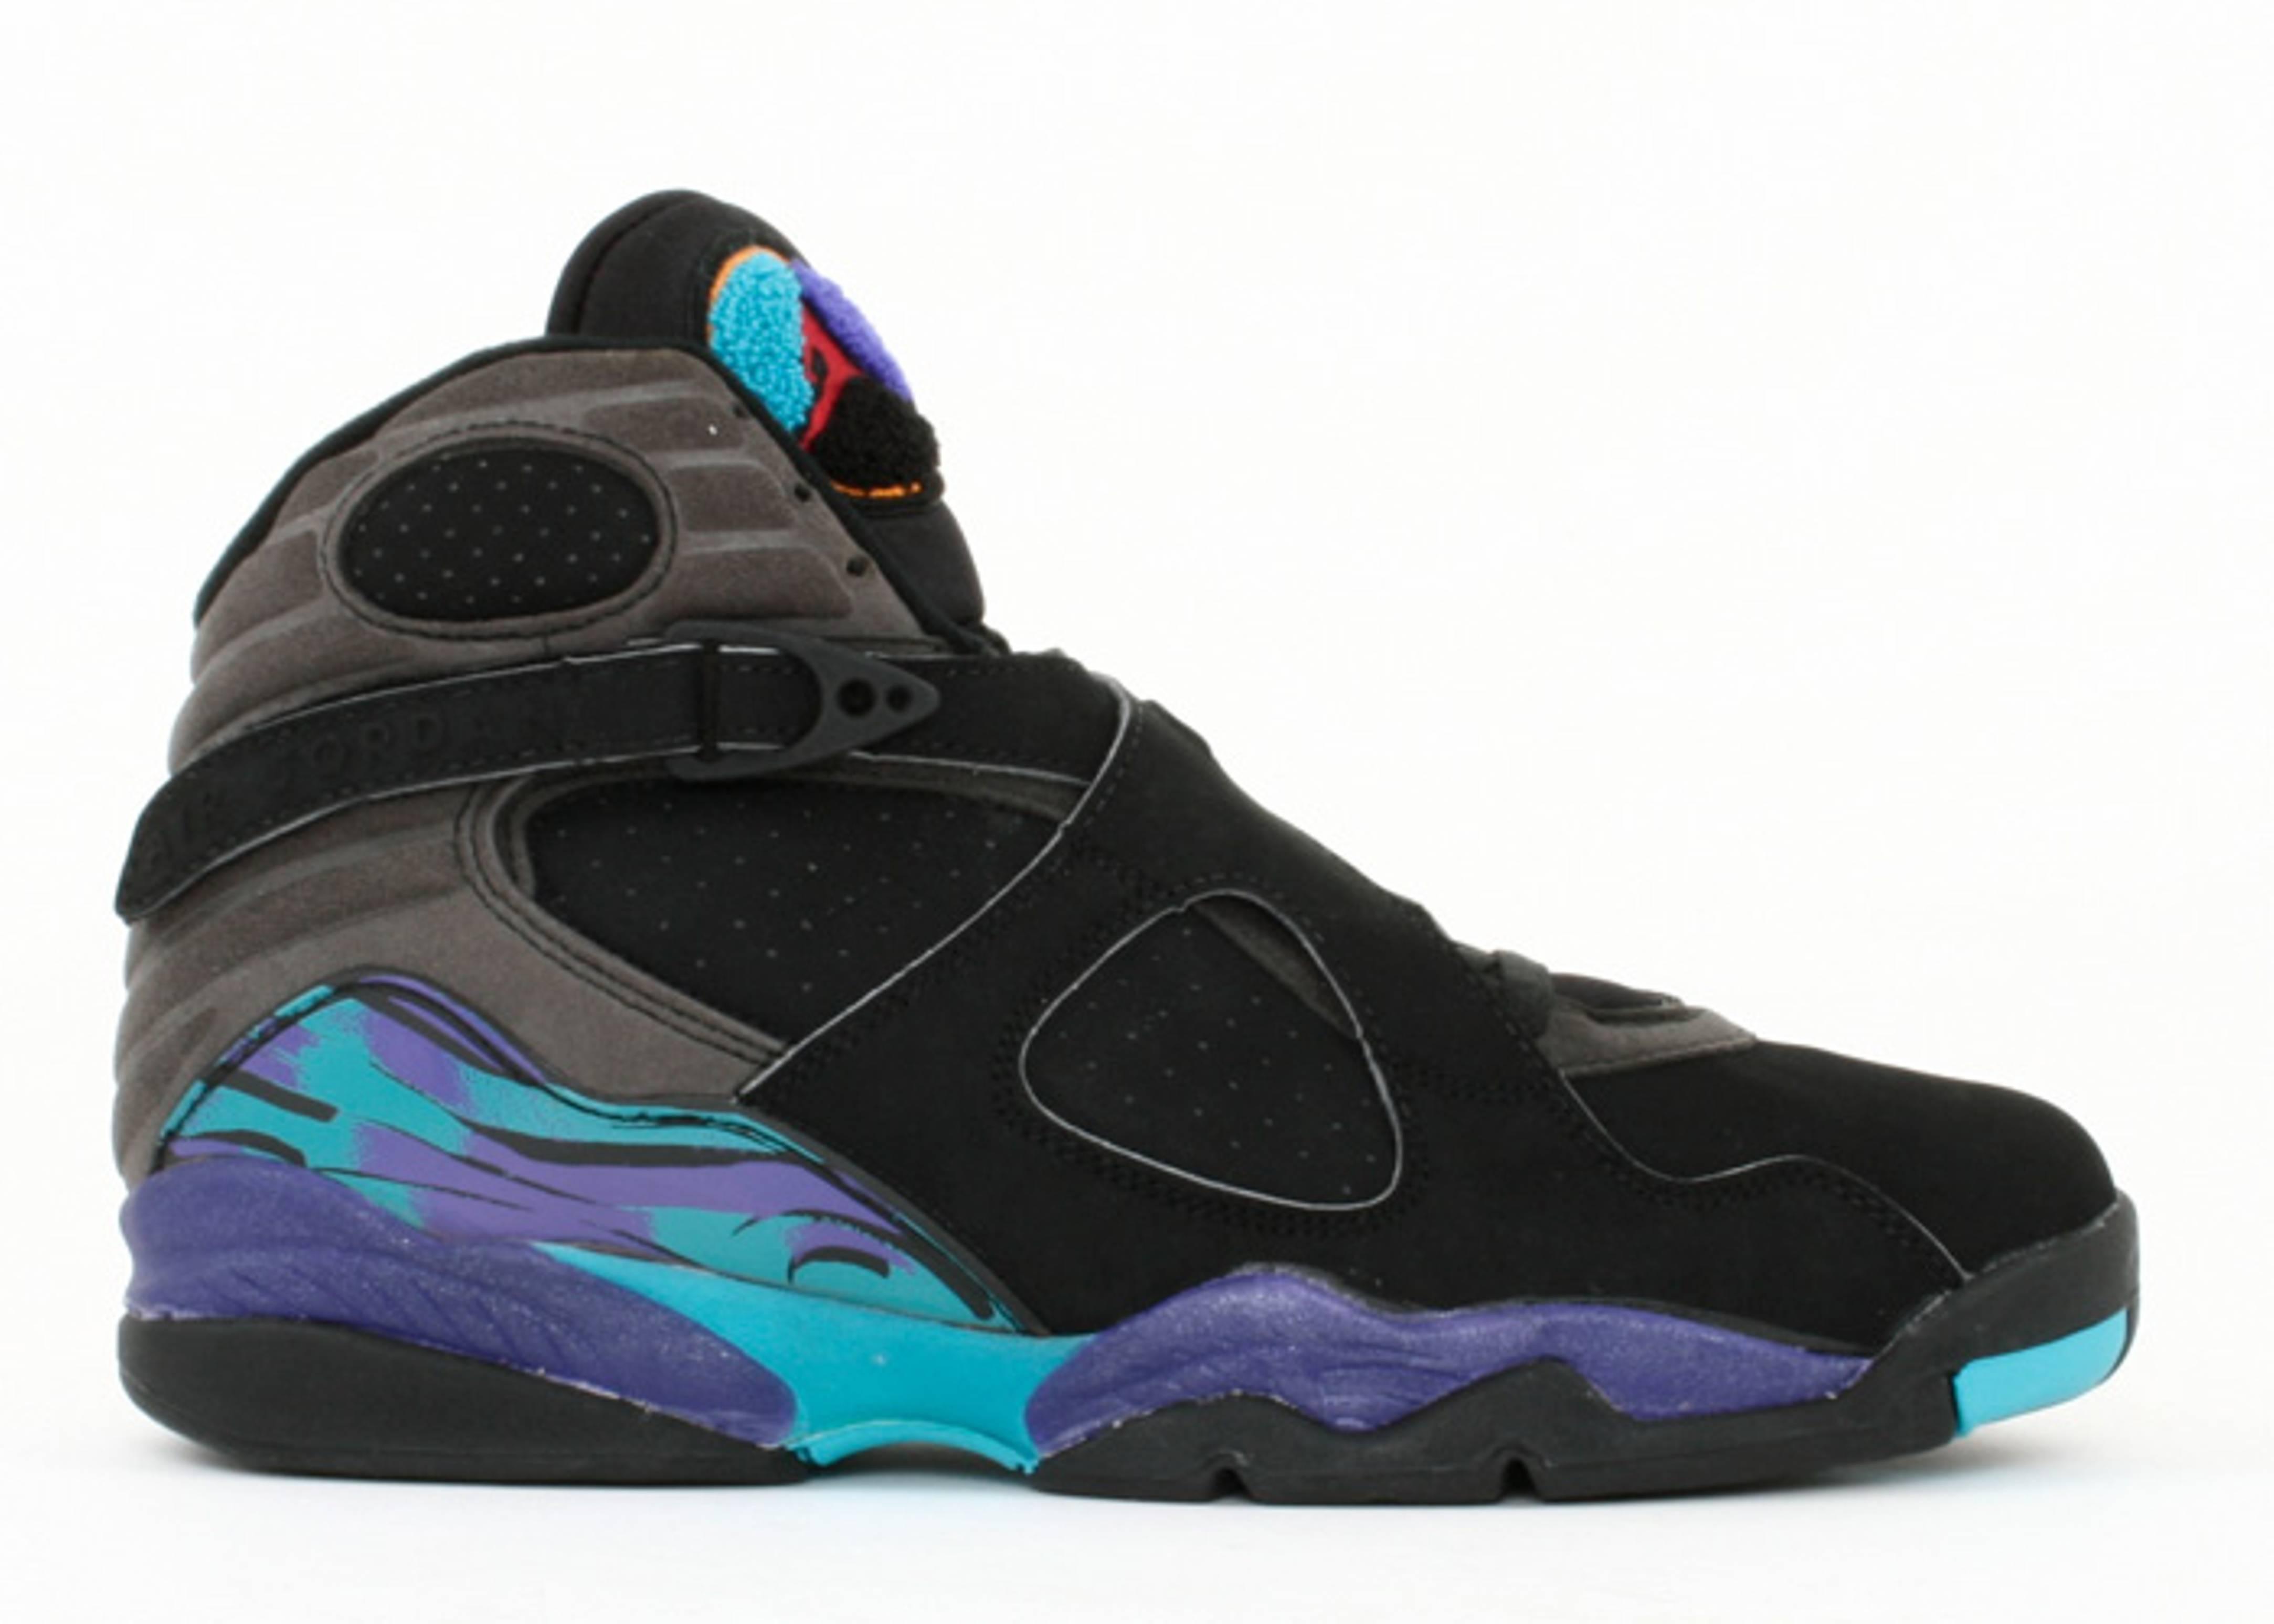 Air Jordan 8 Retro Aqua Black Bright Concord Aqua shoes